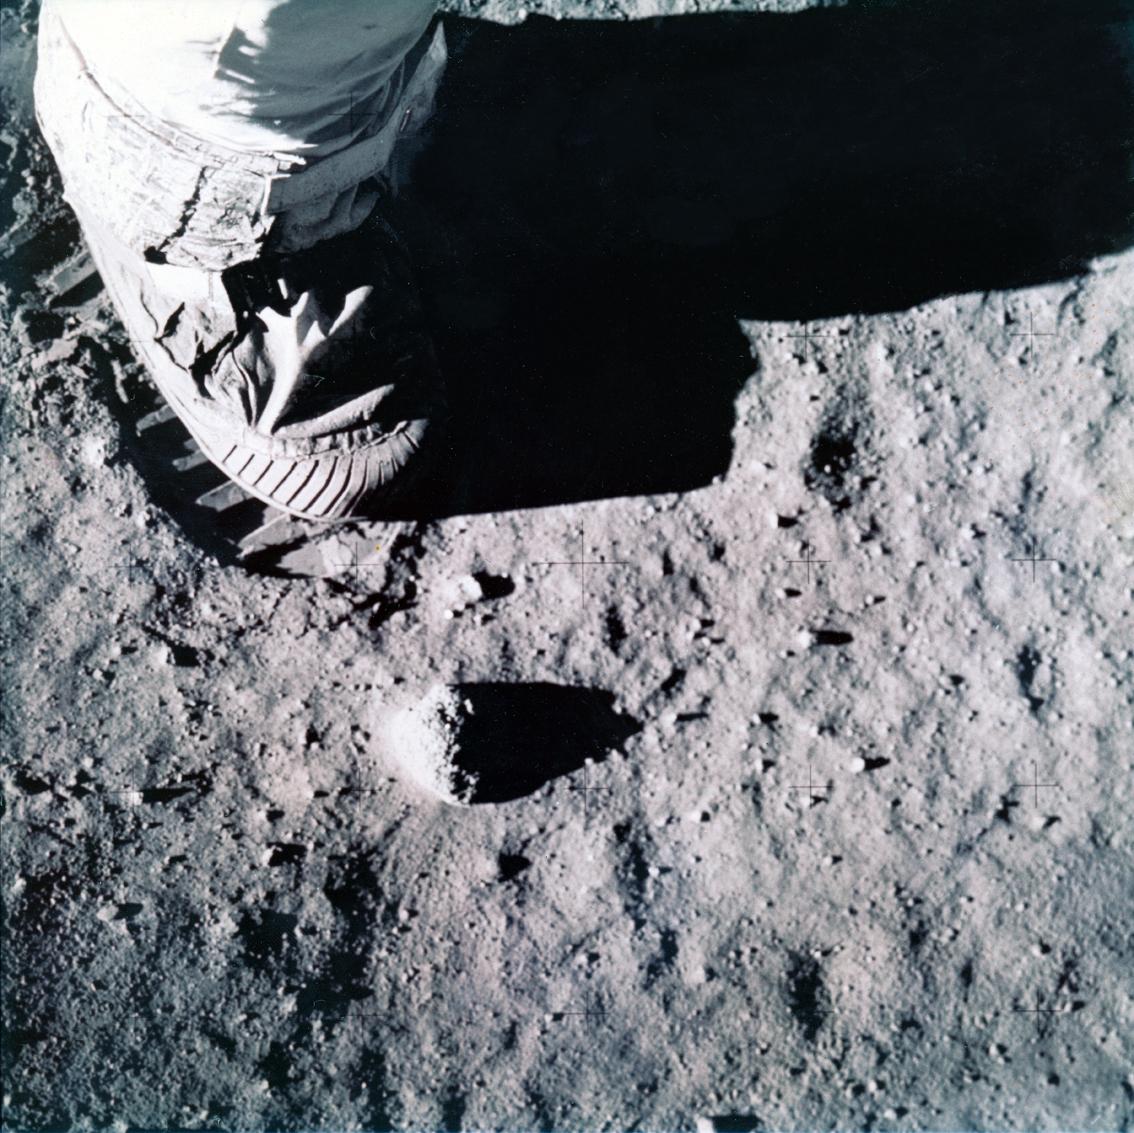 Lot 36 - Nasa. Apollo 11. Photographie historique montrant le pied de l'astronaute Buzz Aldrin [...]